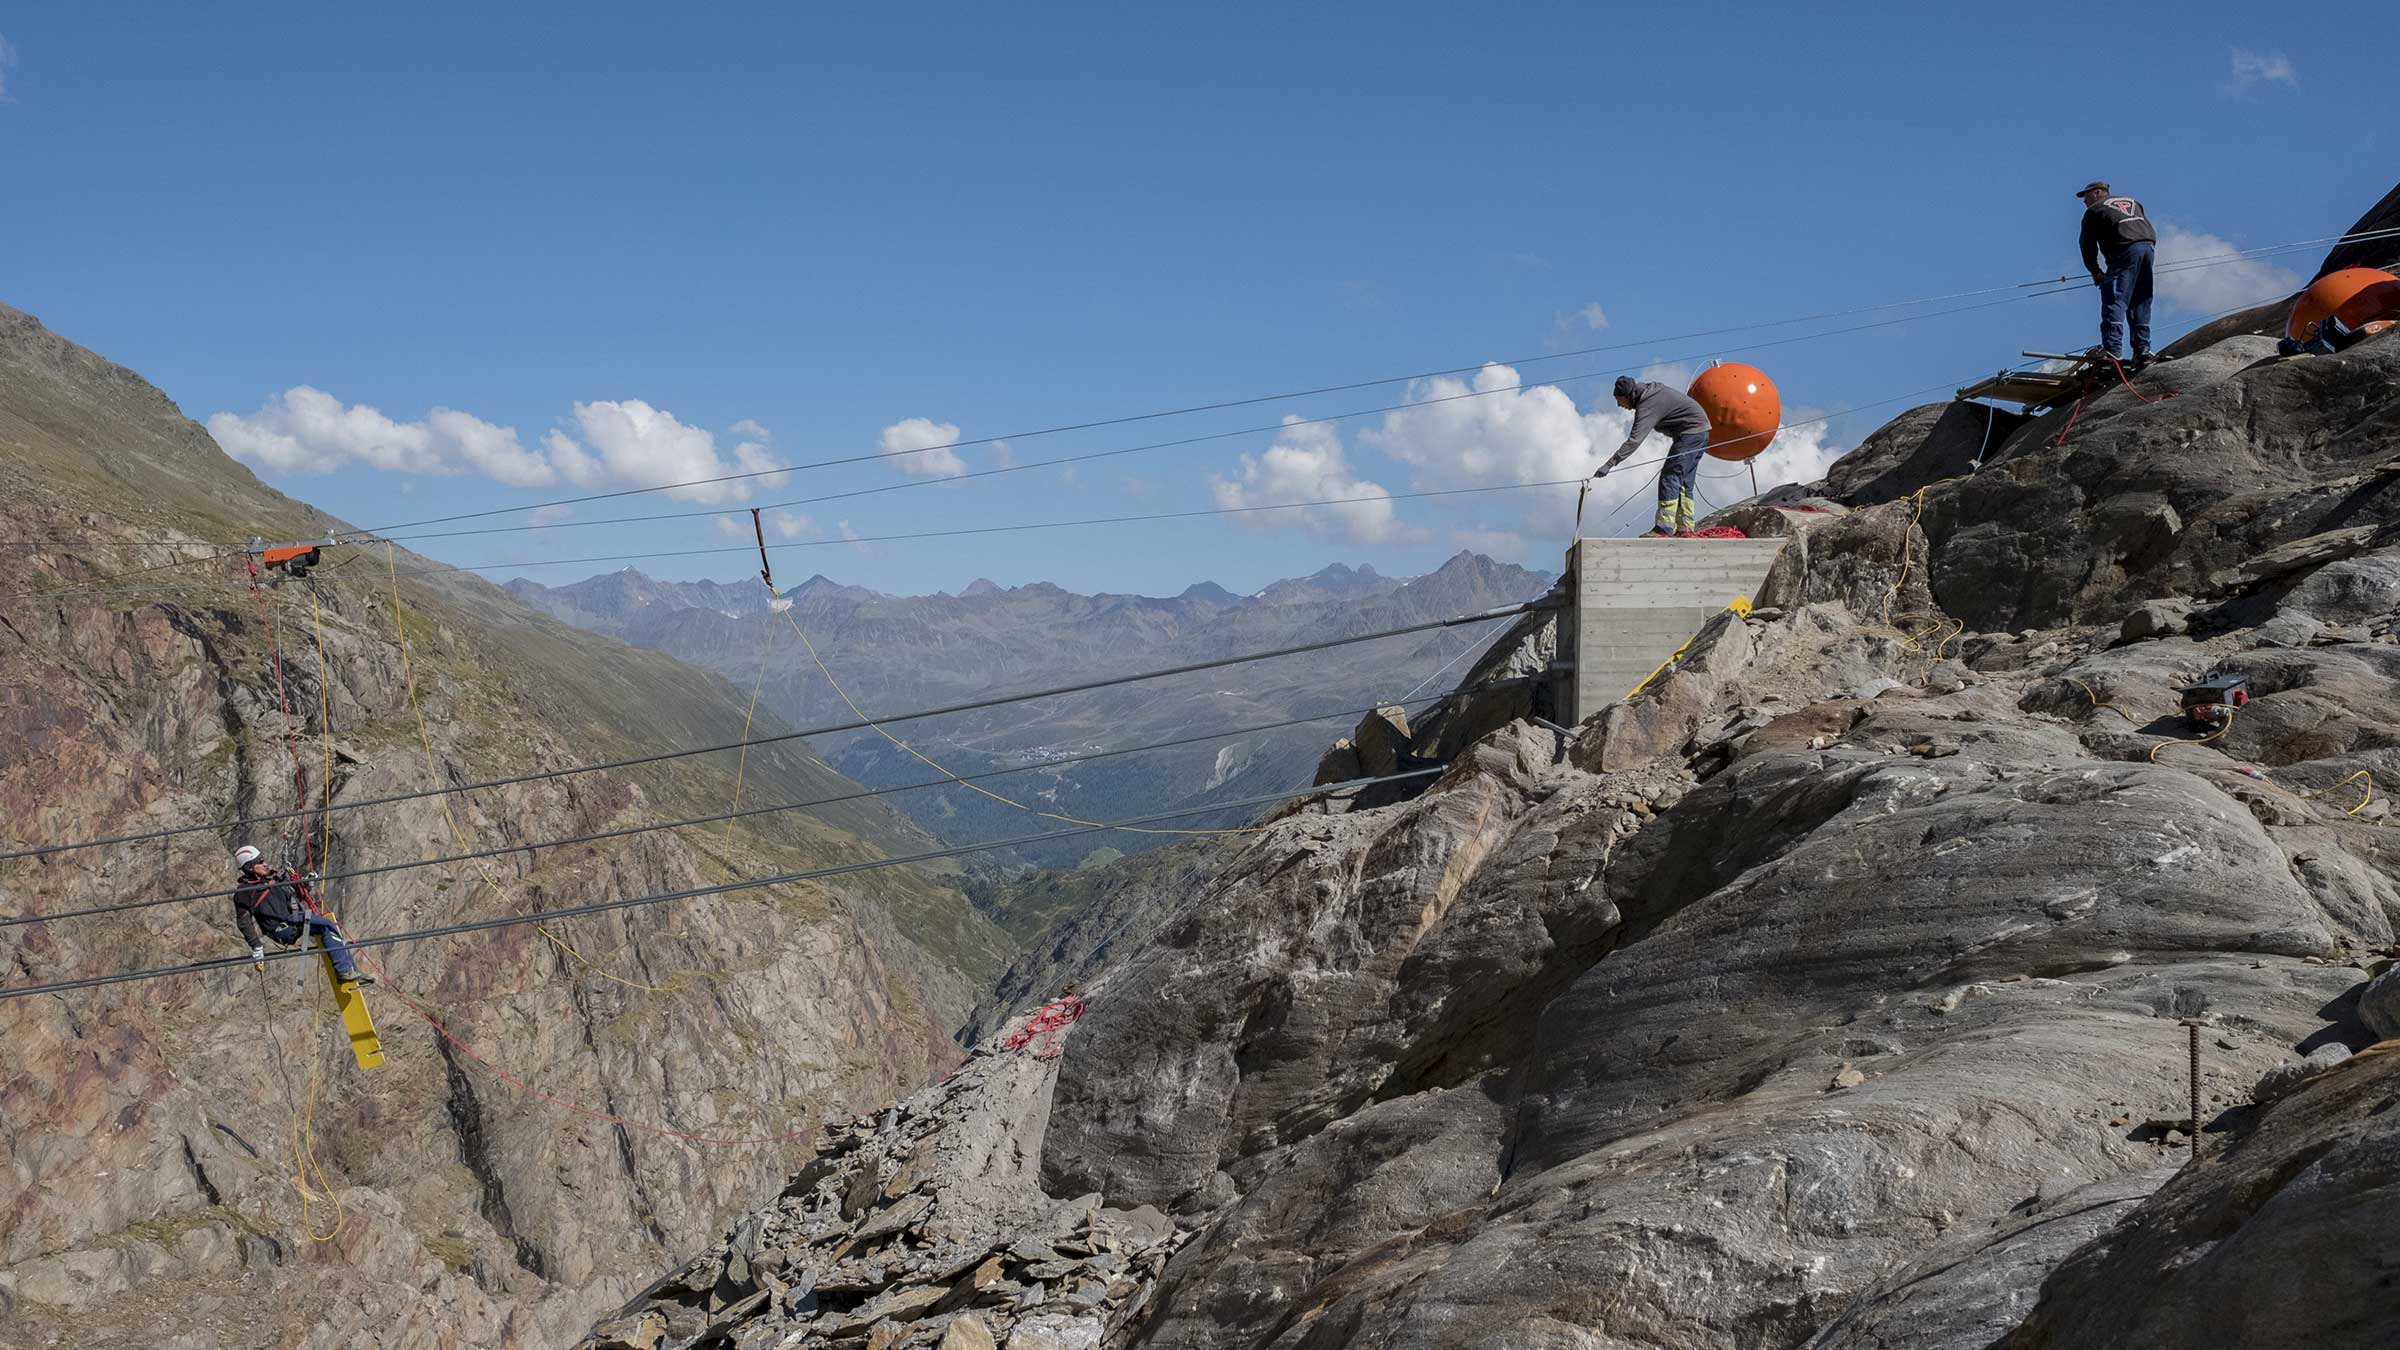 Brücke ins alpine Abenteuer: Die neue Piccard Brücke am Gurgler Ferner